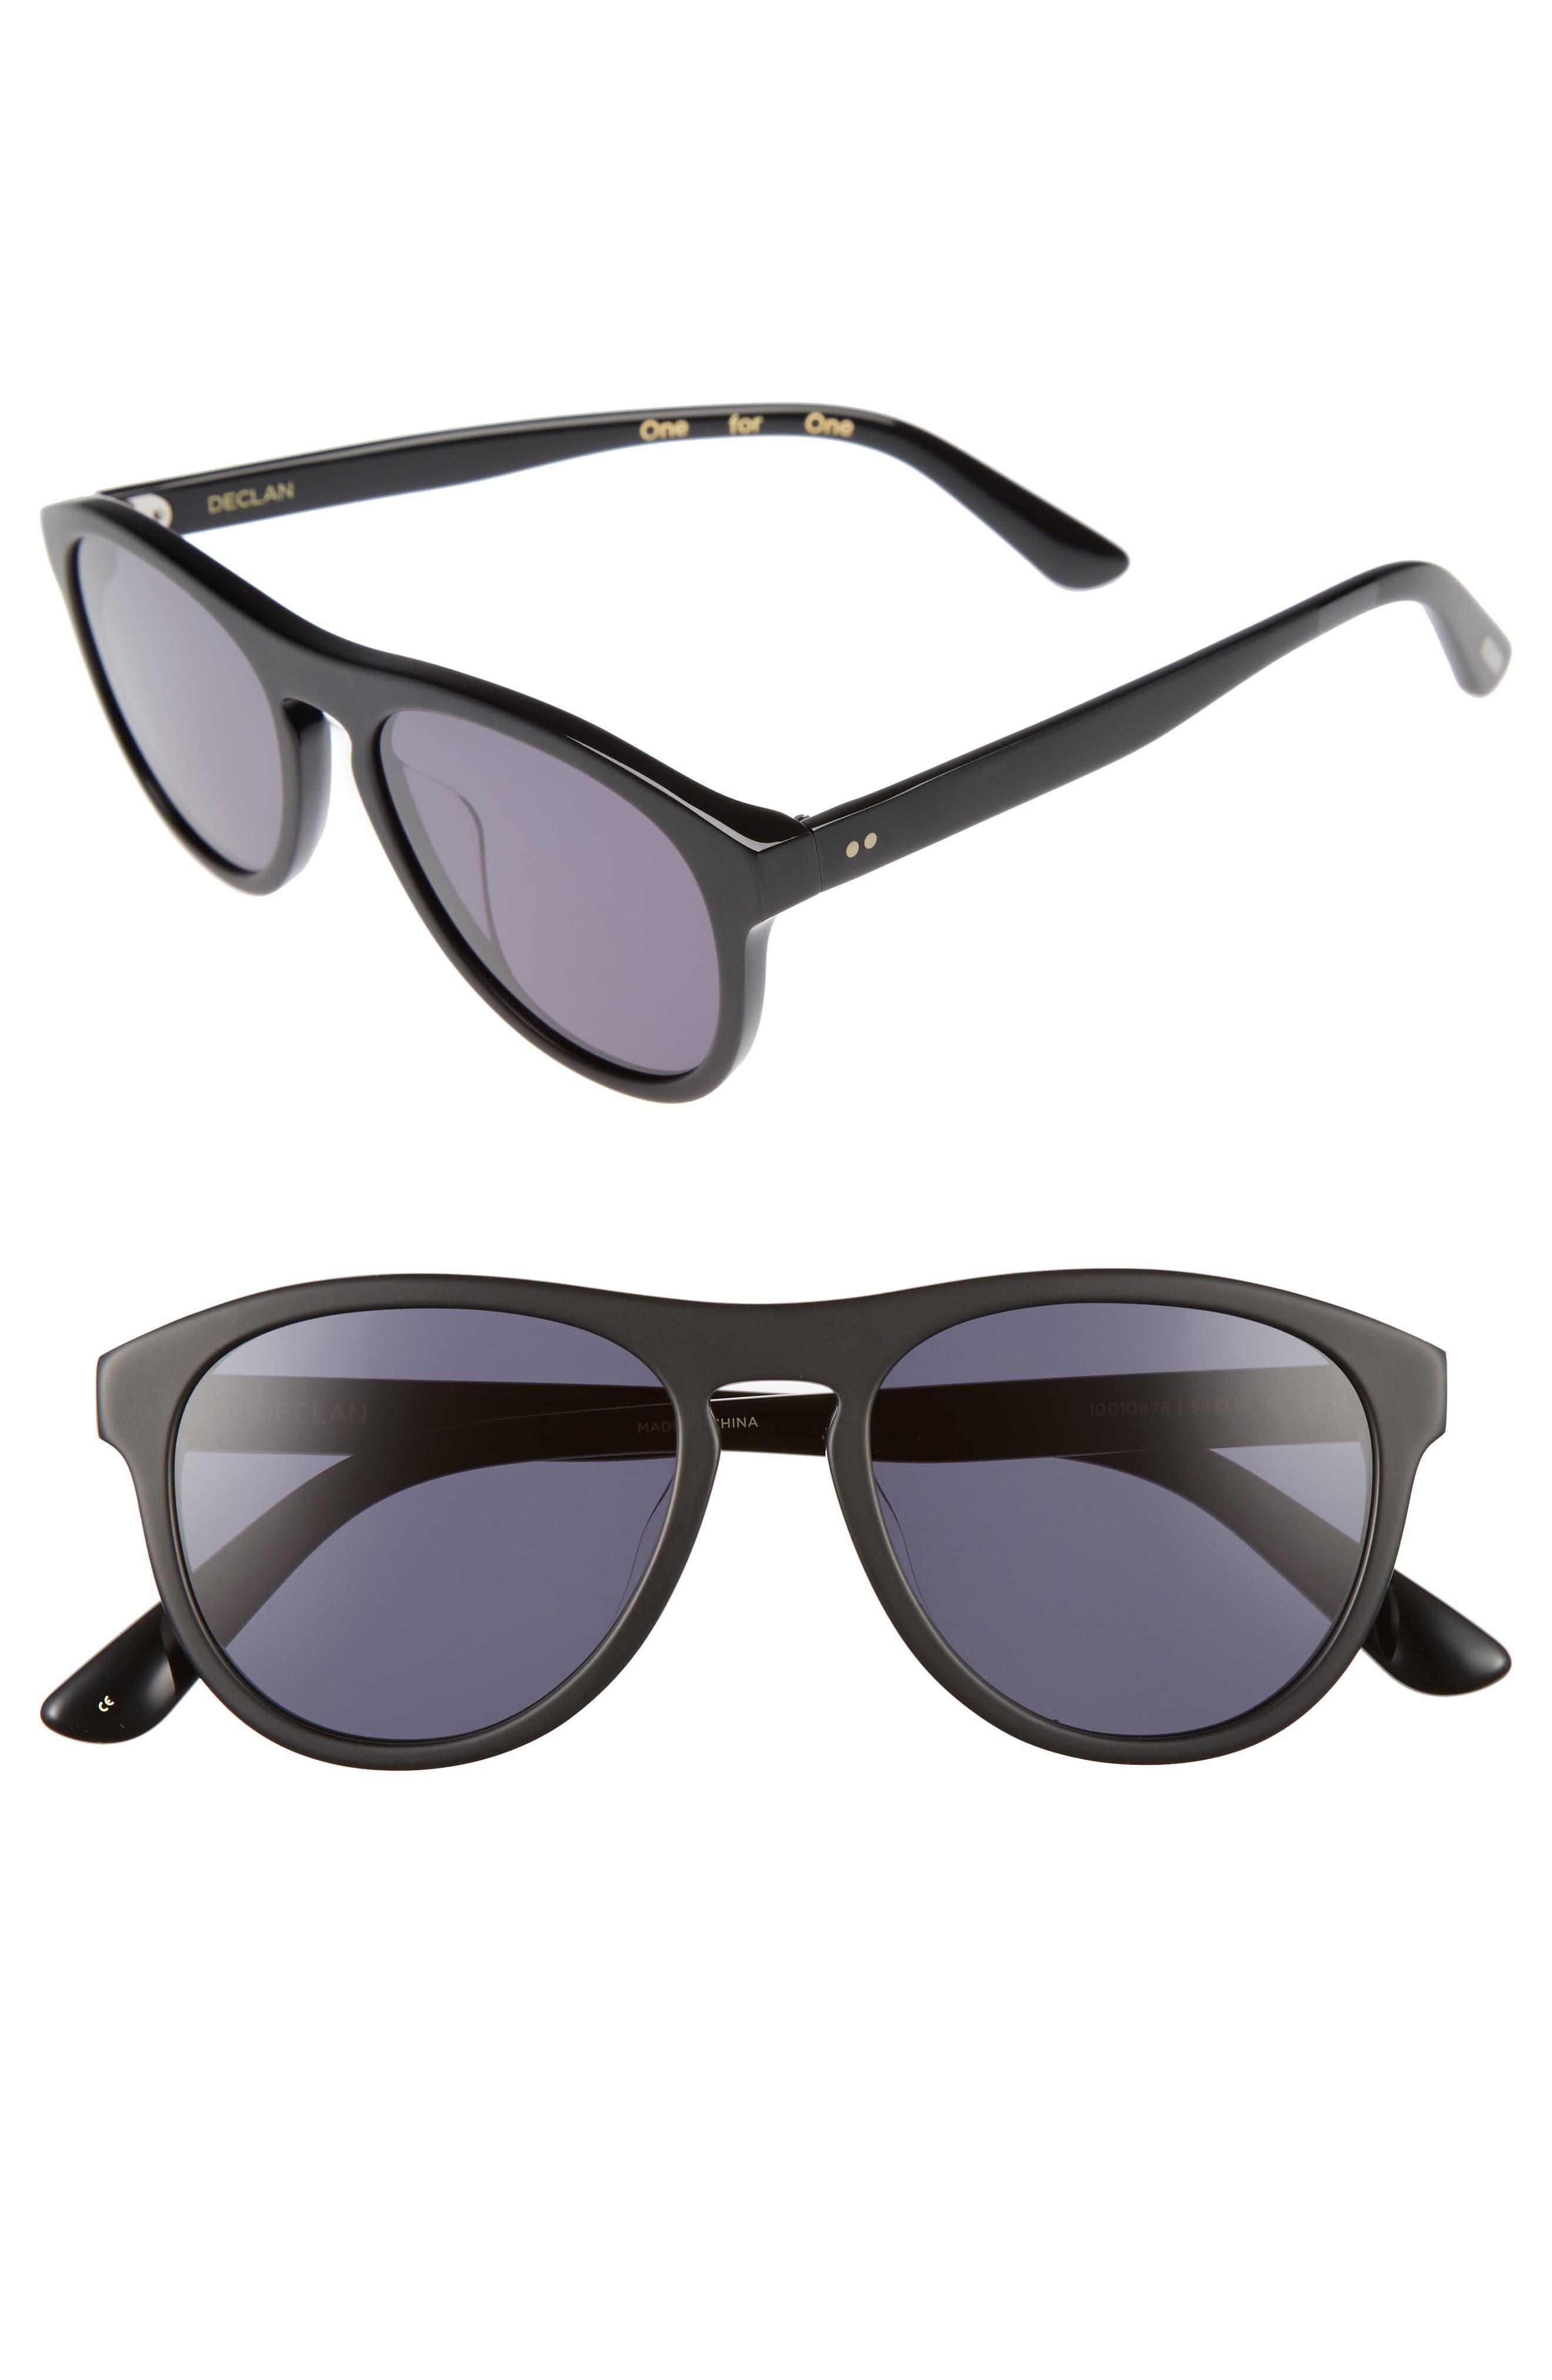 TOMS,                             Declan 54mm Sunglasses,                             Main thumbnail 1, color,                             MATTE BLACK